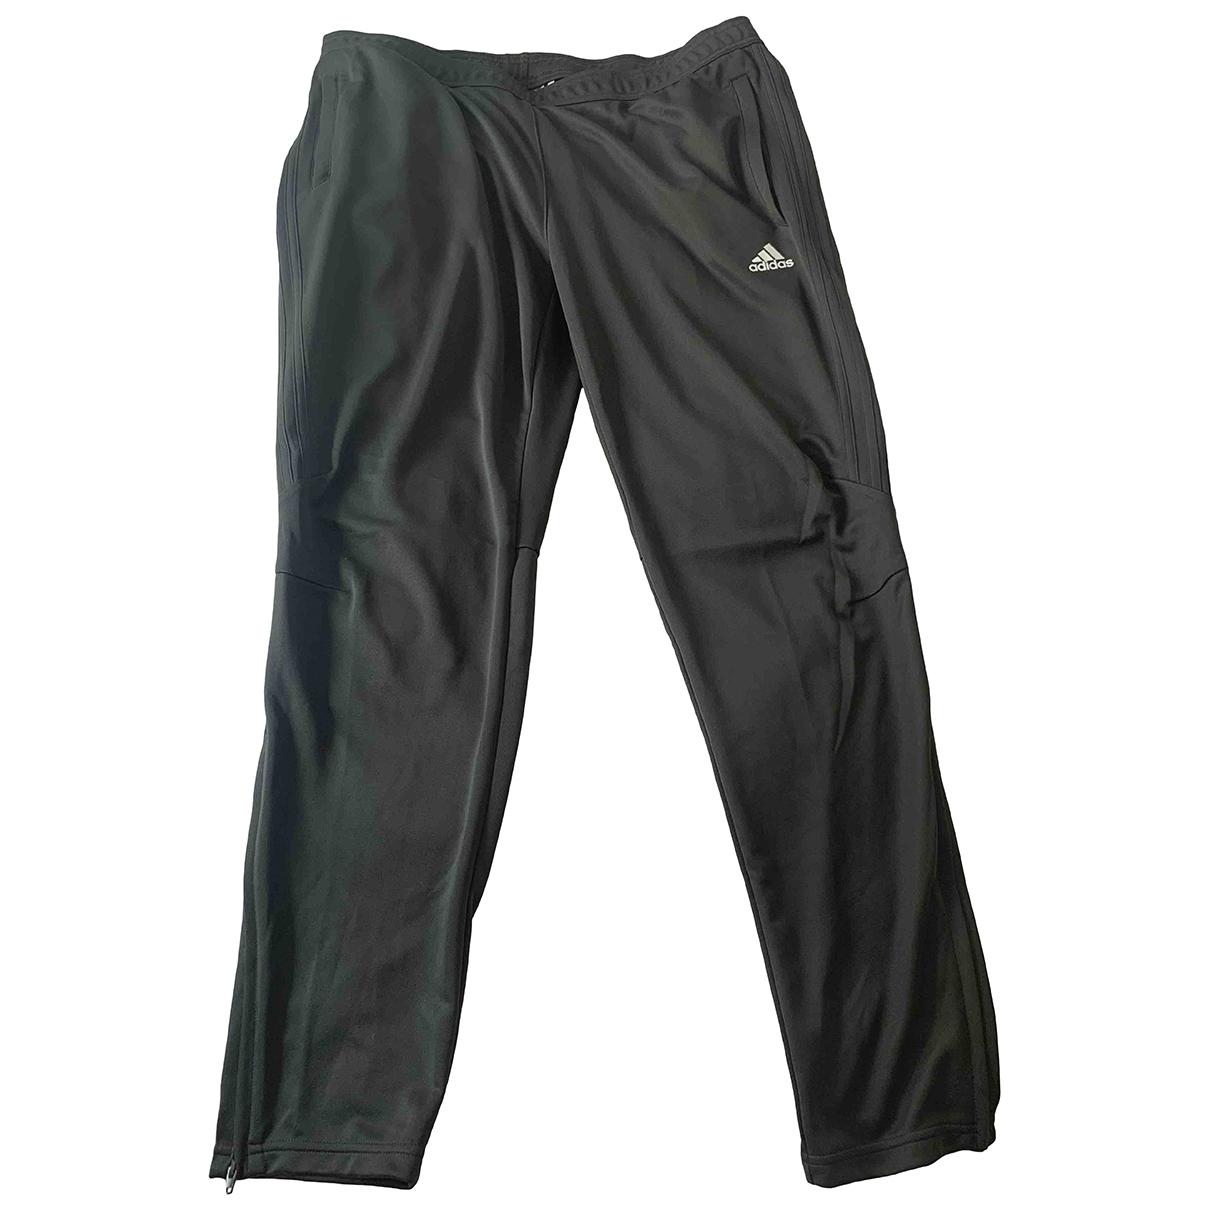 Adidas - Pantalon   pour homme - gris